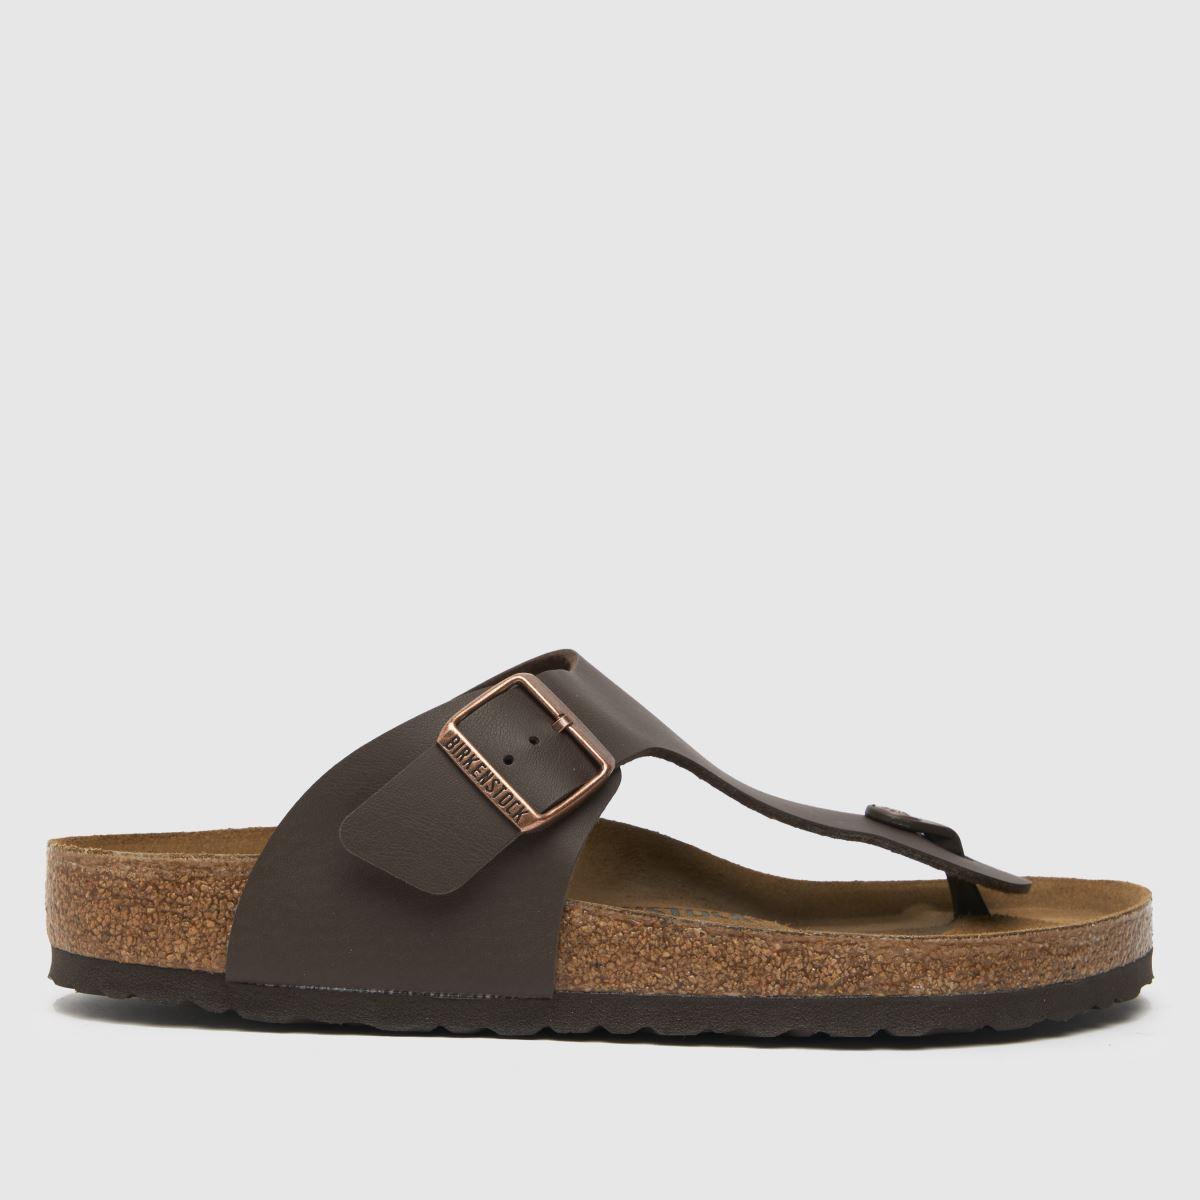 Birkenstock Brown Ramses Sandals